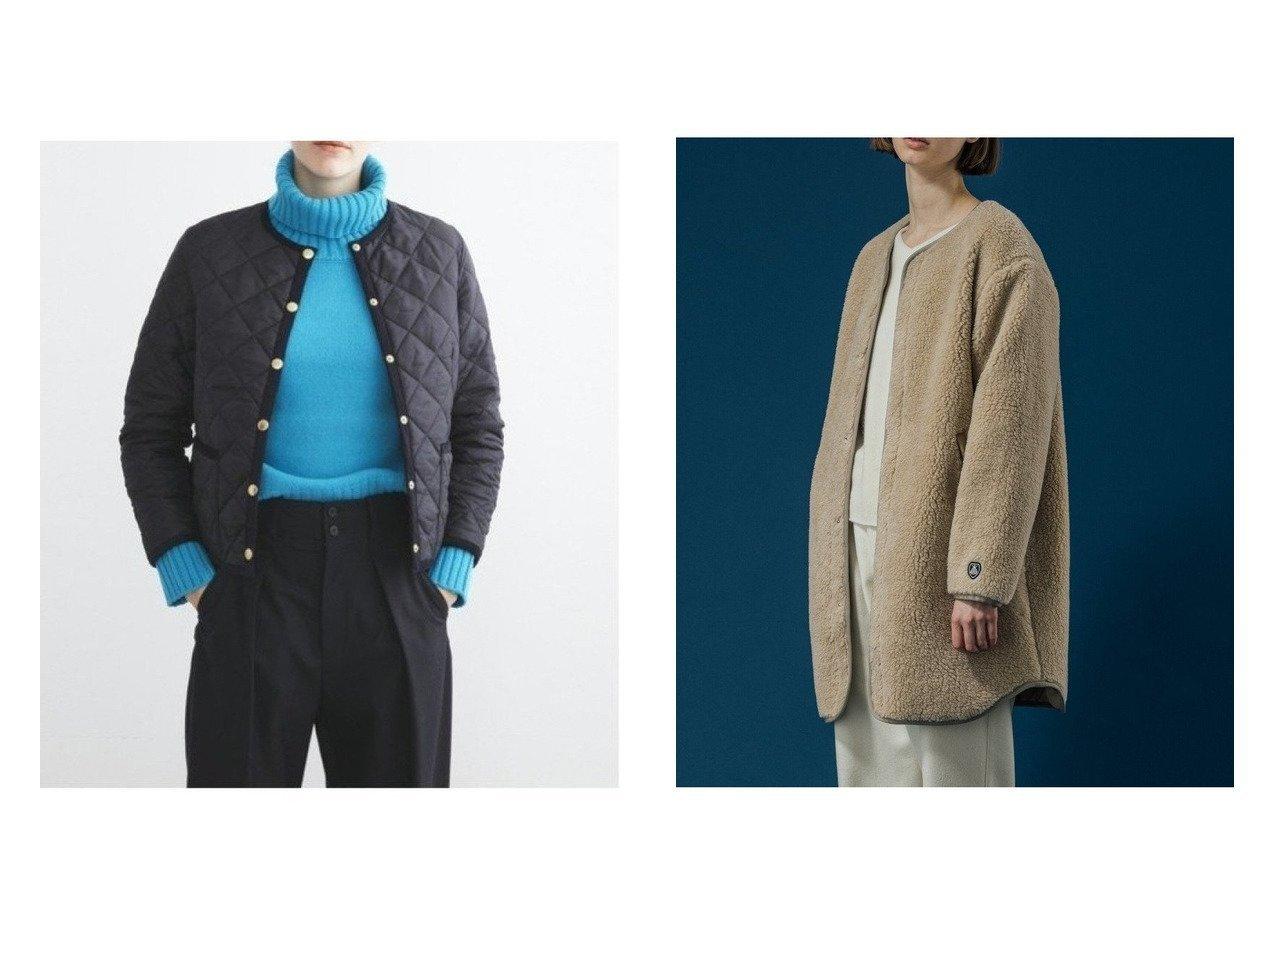 【Bshop/ビショップ】の【ORCIVAL】ウールボア カラーレスコート WOMEN&【Traditional Weatherwear/トラディショナル ウェザーウェア】のARKLEY アウターのおすすめ!人気、レディースファッションの通販 おすすめで人気のファッション通販商品 インテリア・家具・キッズファッション・メンズファッション・レディースファッション・服の通販 founy(ファニー) https://founy.com/ ファッション Fashion レディース WOMEN アウター Coat Outerwear コート Coats ジャケット Jackets インナー コンパクト ジャケット ストール フォルム ポケット マフラー ロング 人気 防寒 イタリア ウォーム ストレッチ タフタ ハーフ パイピング |ID:crp329100000002885